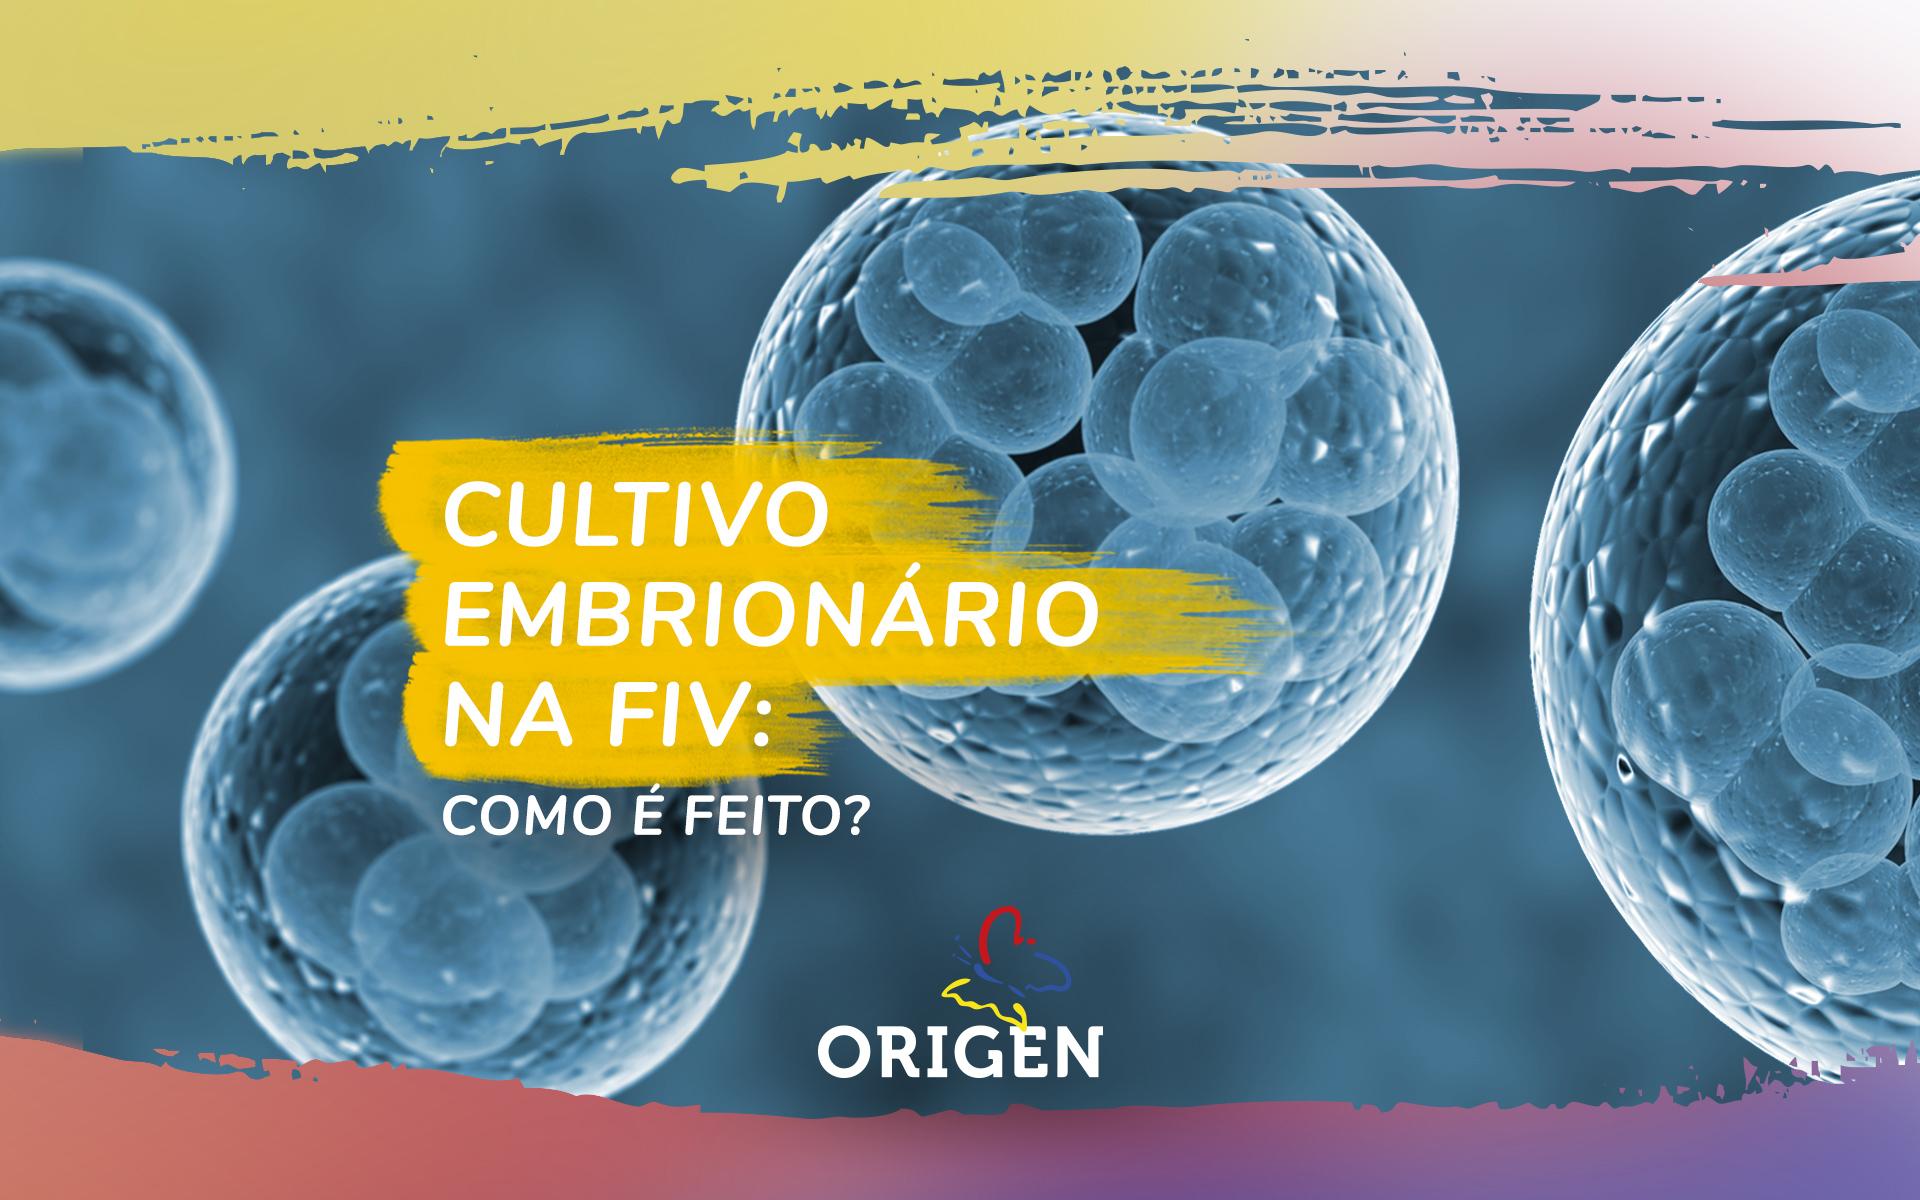 Cultivo embrionário na FIV: como é feito?